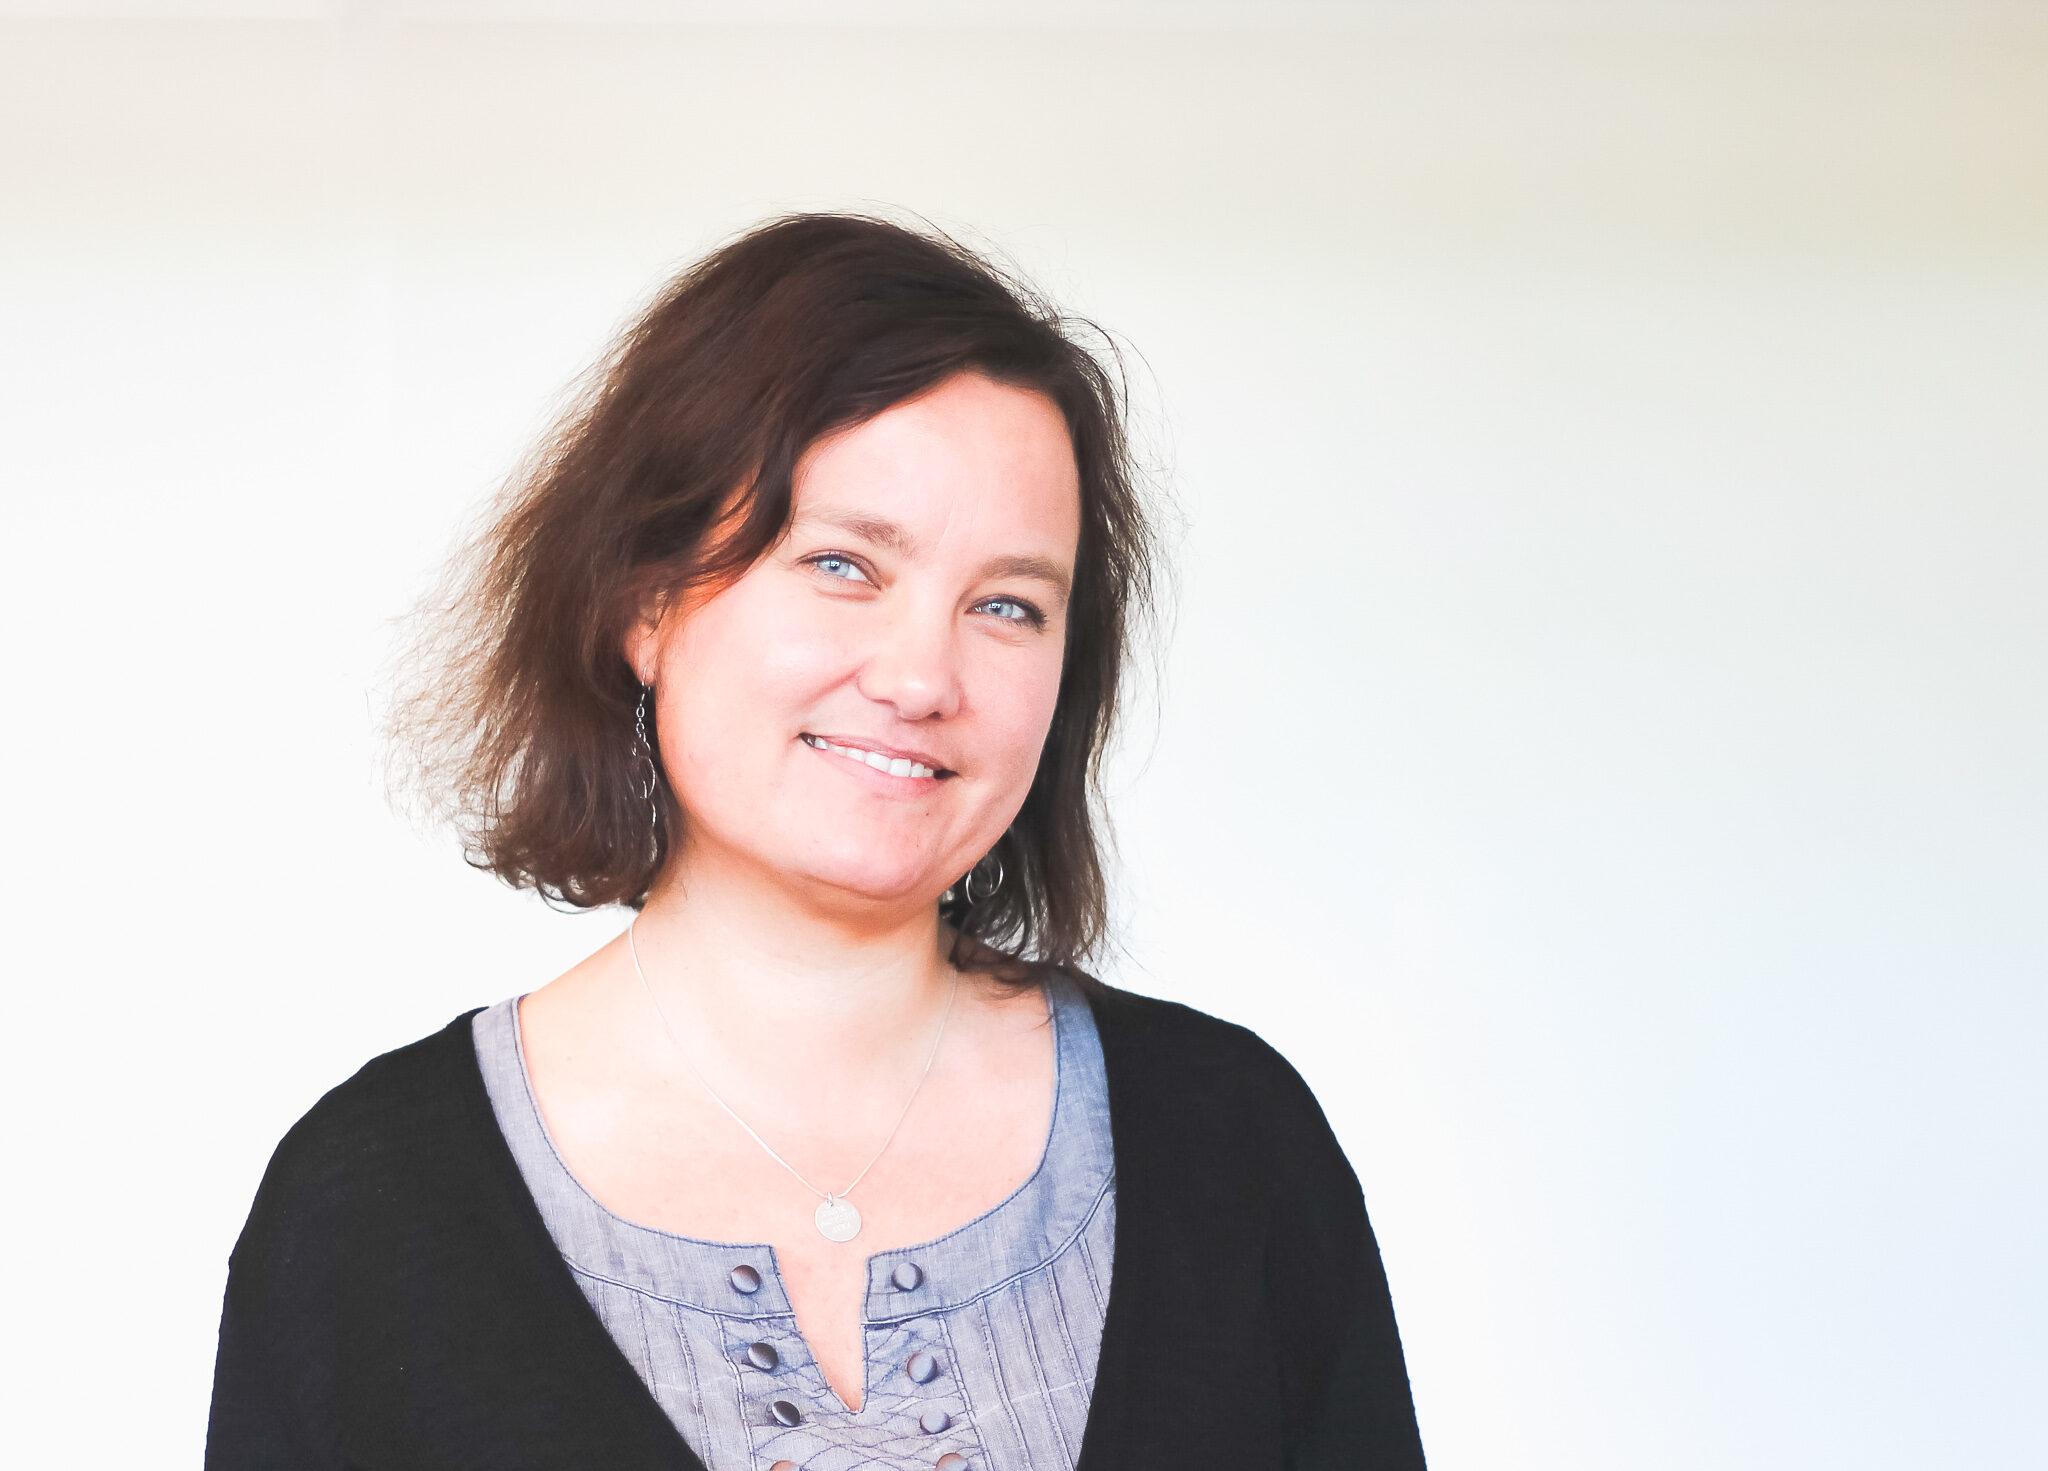 Juni Høiseth (bilde)